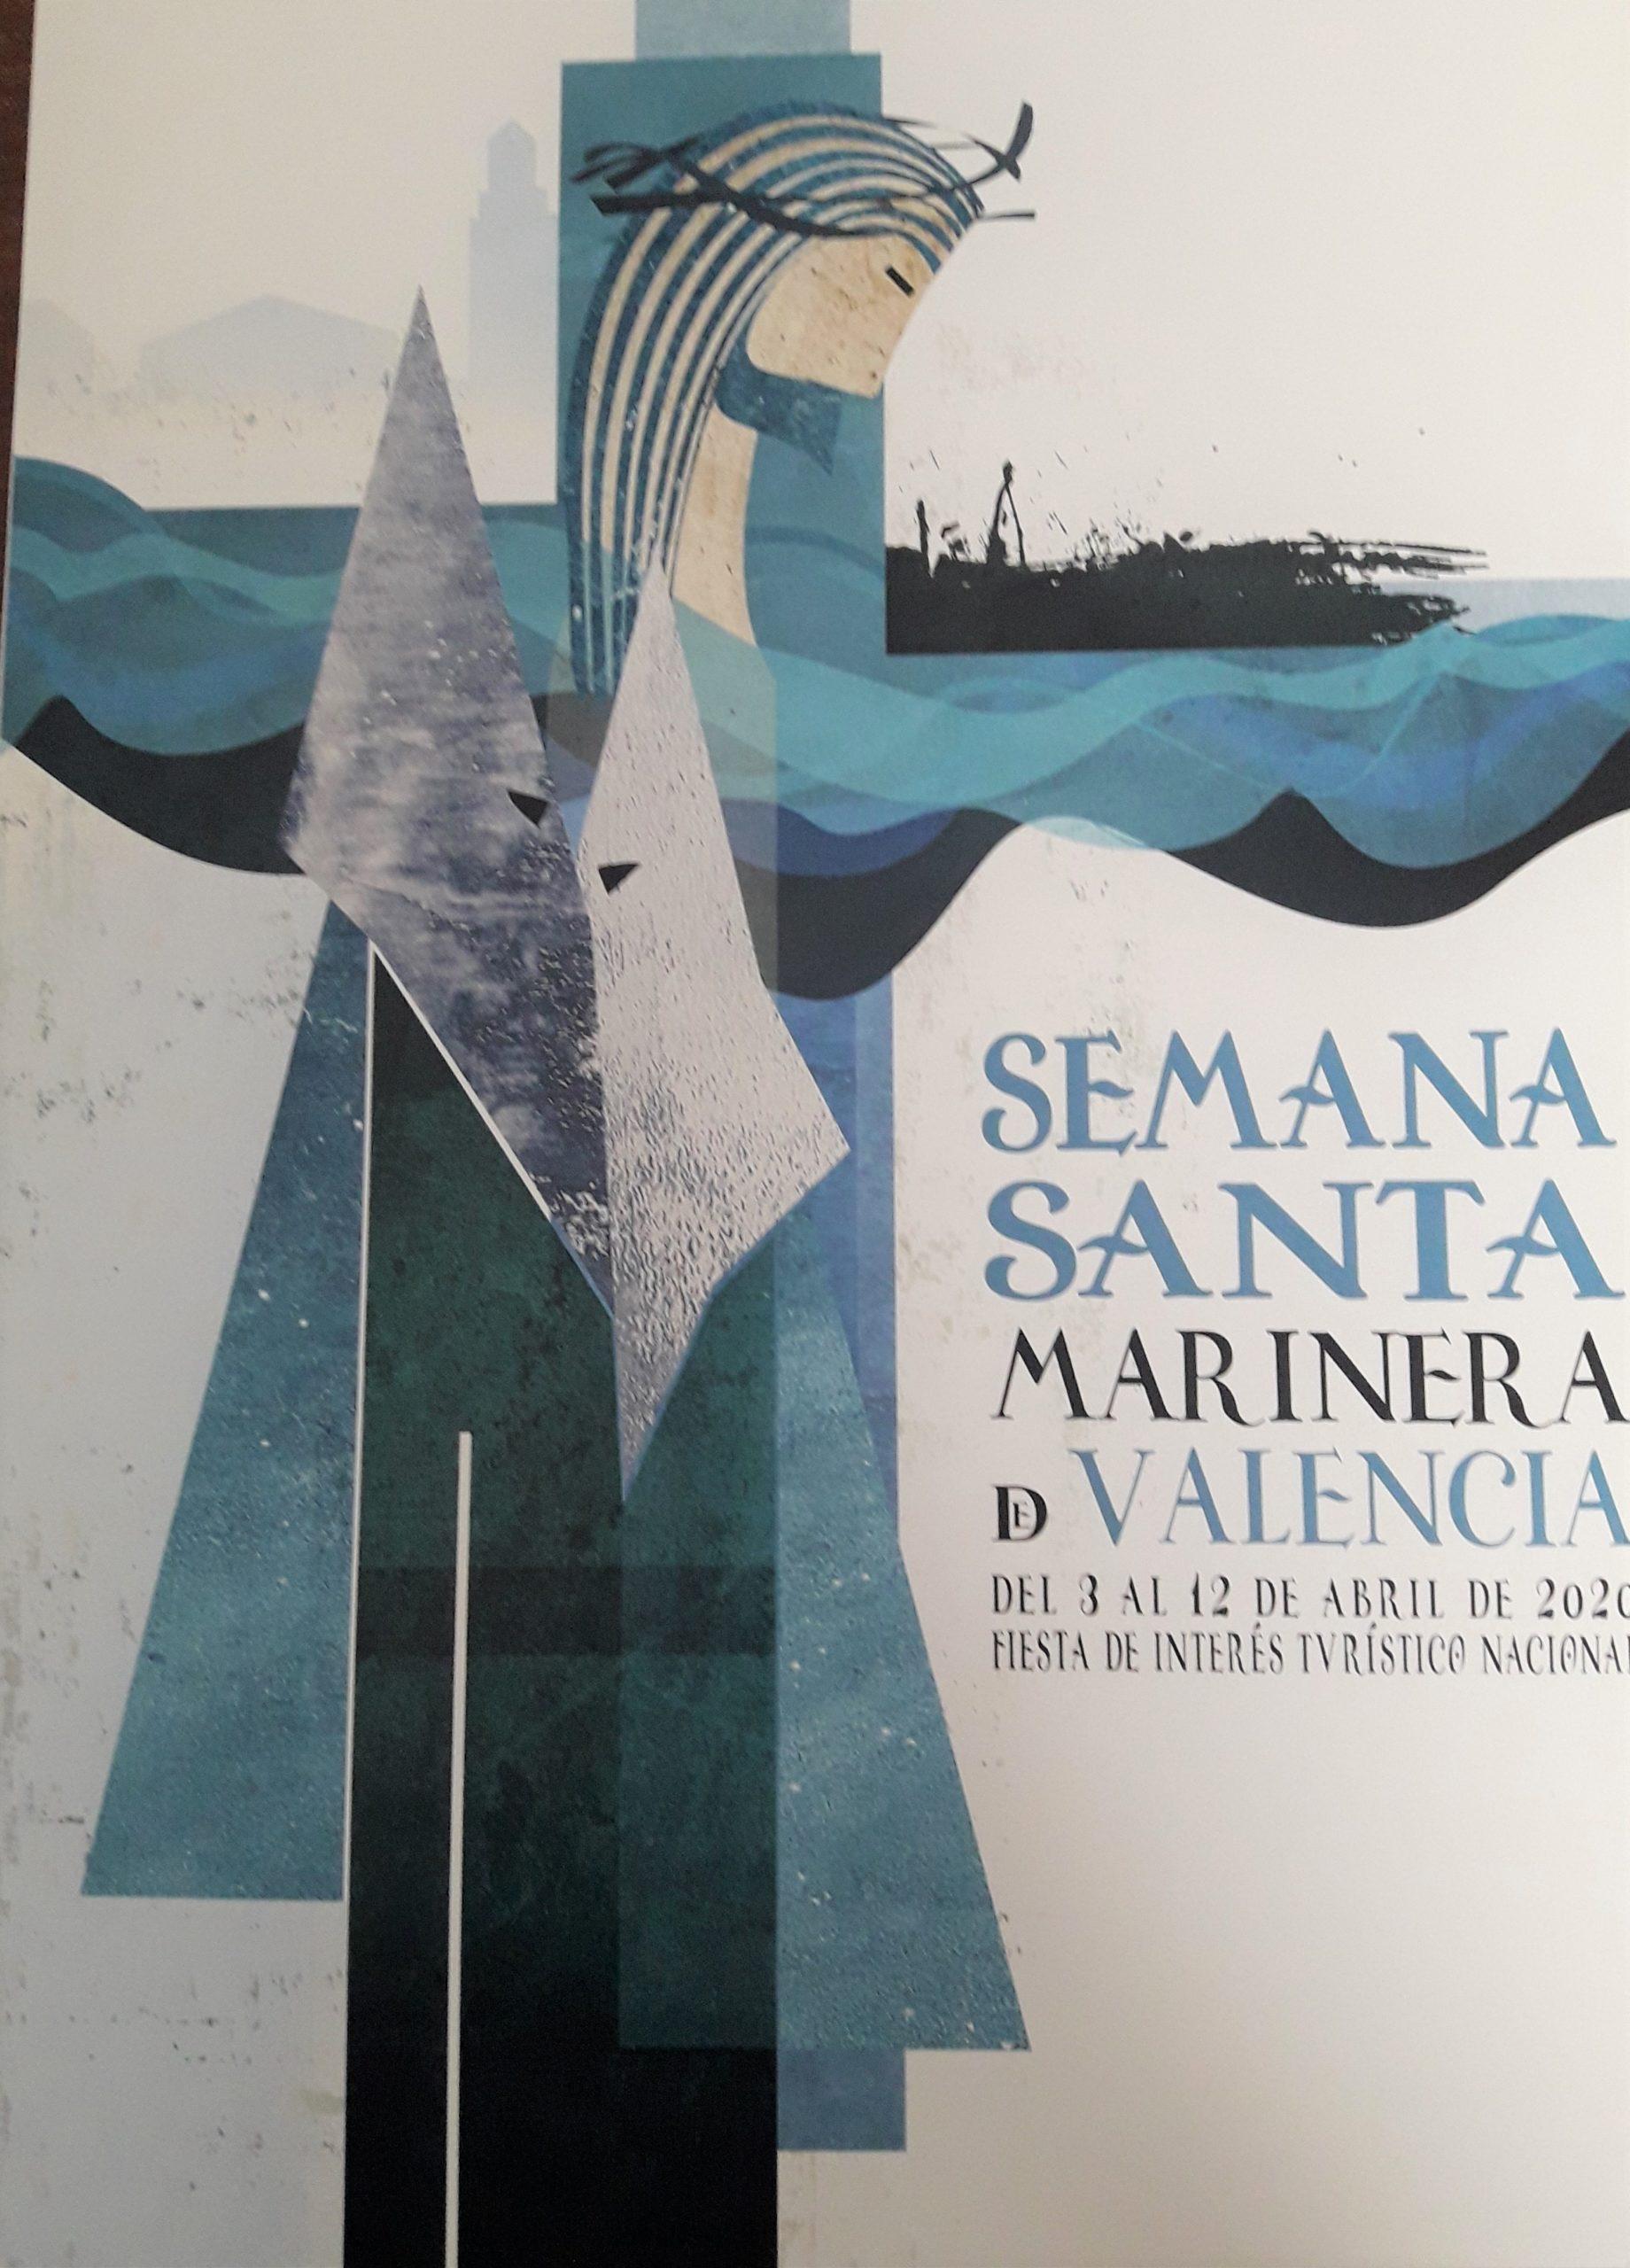 La obra MARINER de Javier Chaler Villanueva, cartel de la Semana Santa Marinera de València 2020